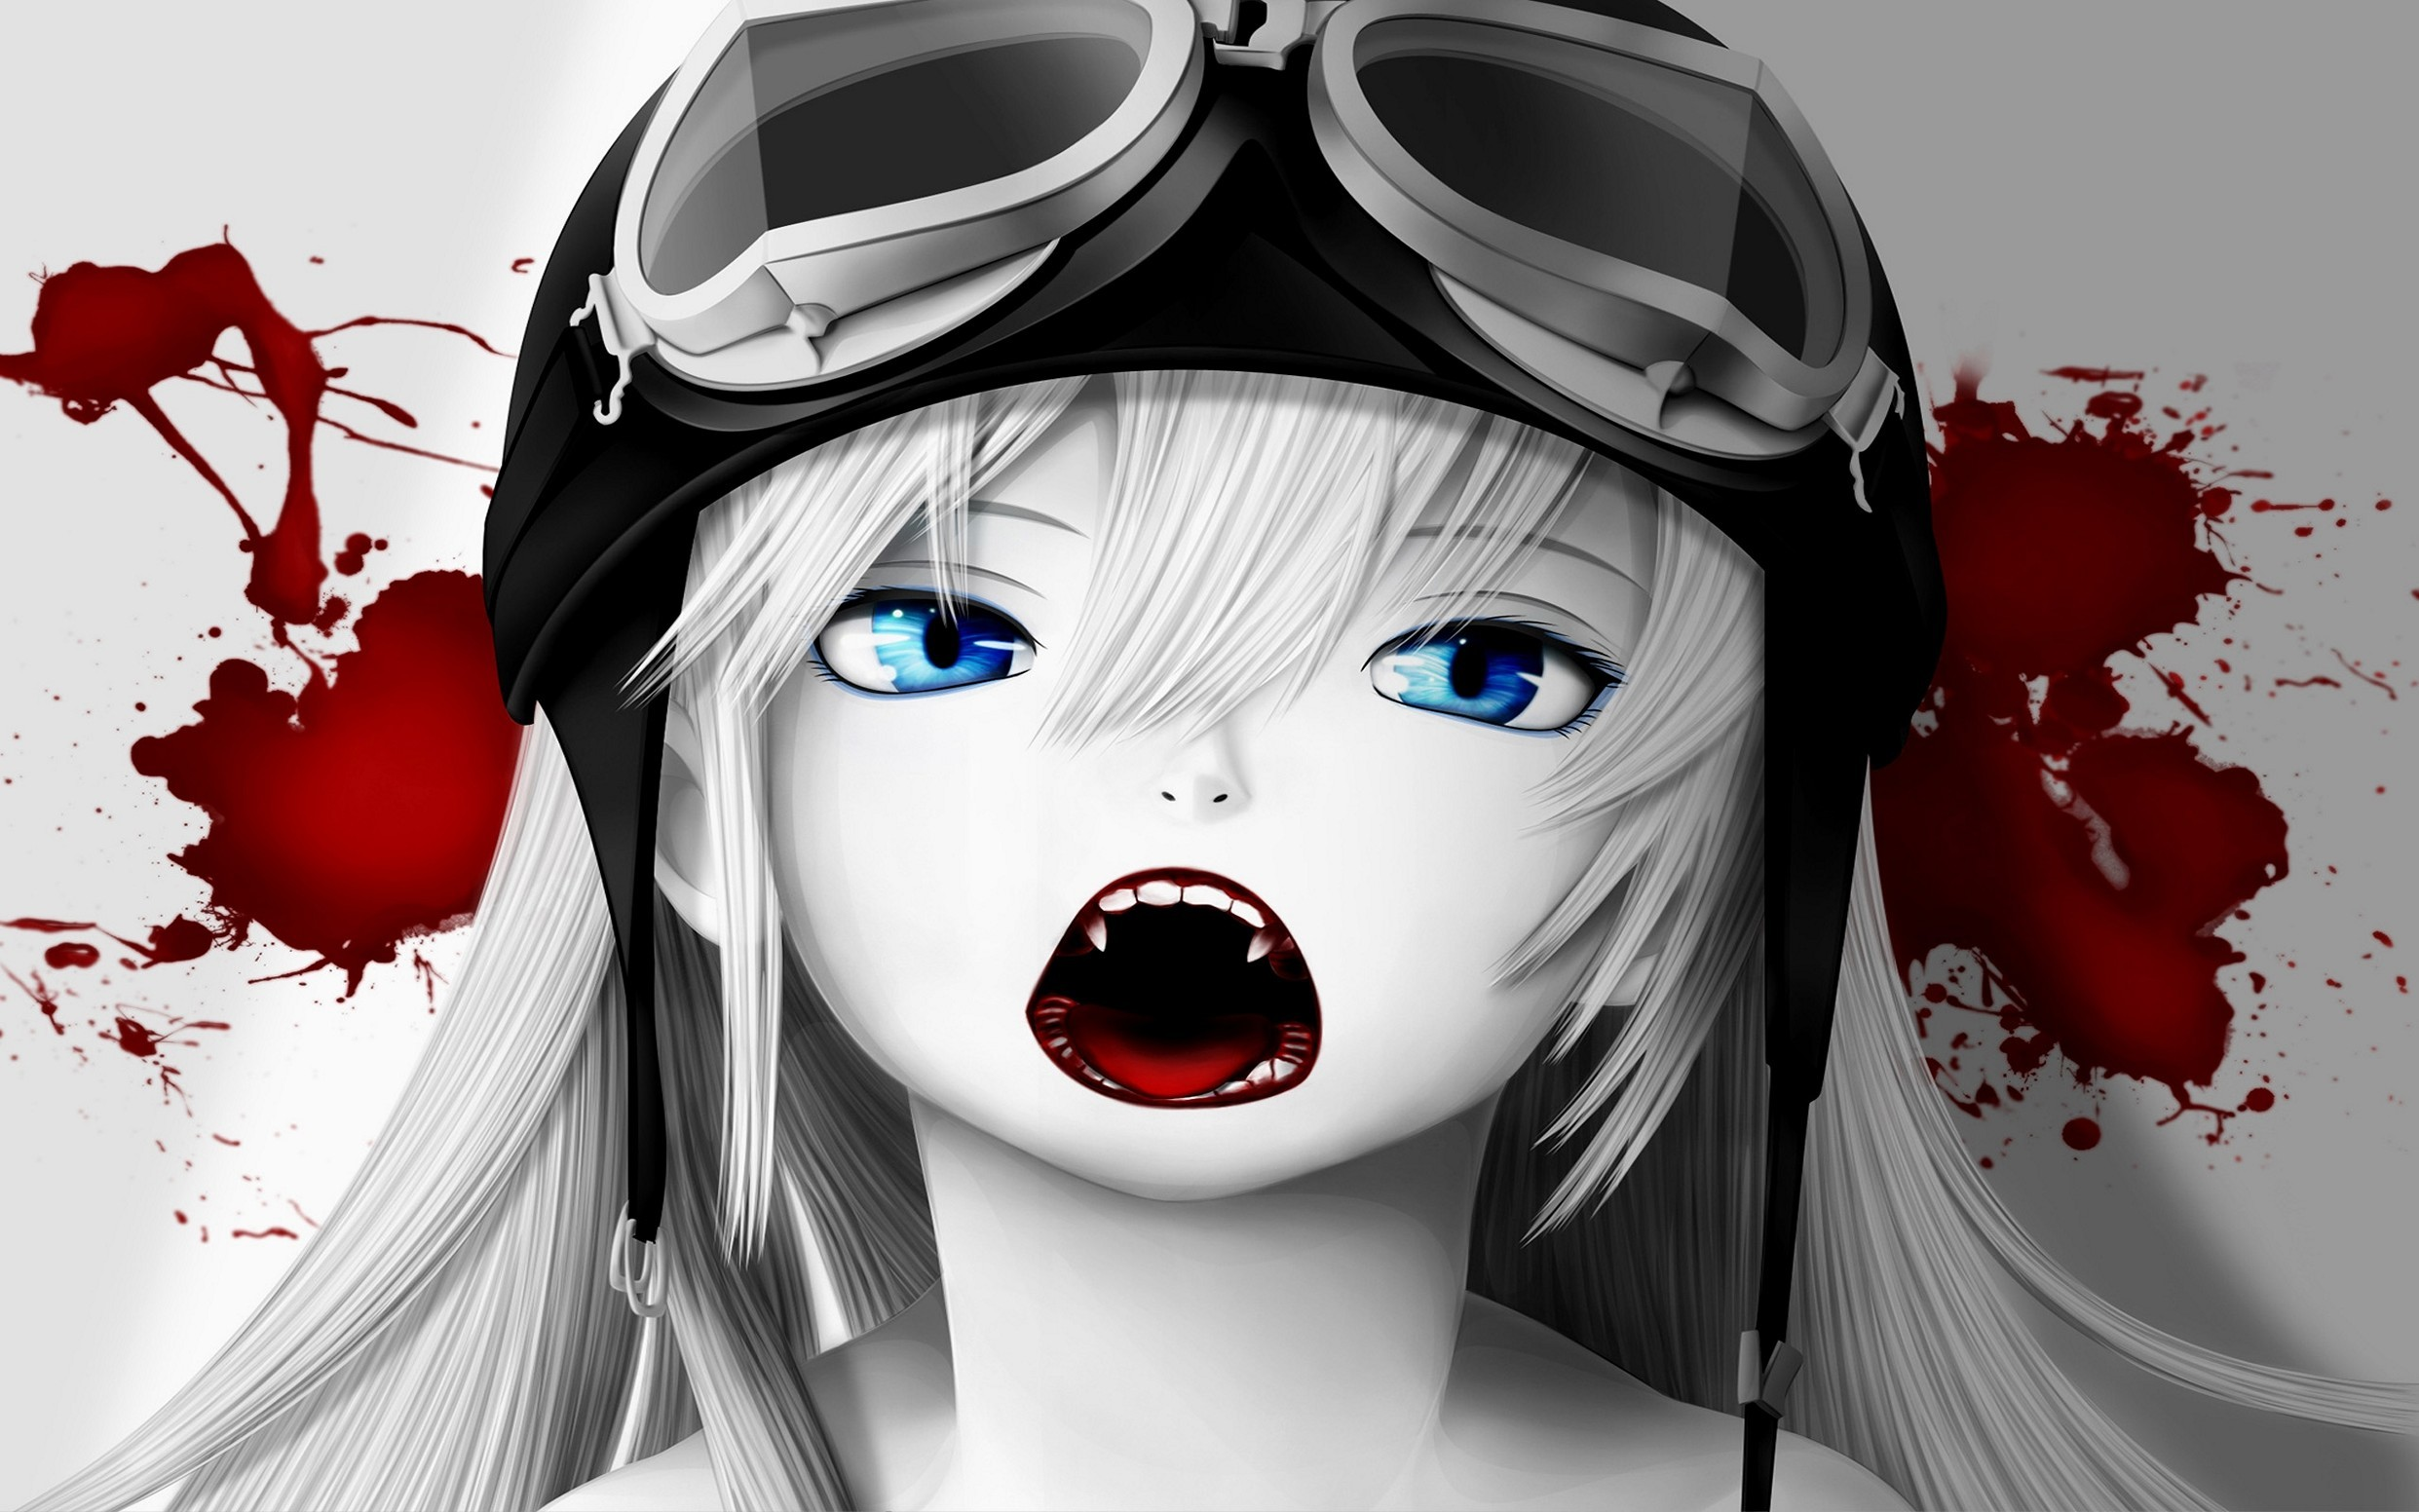 Girl Vampire Blood Glasses Mask Legendary Iphone Wallpaper Anime